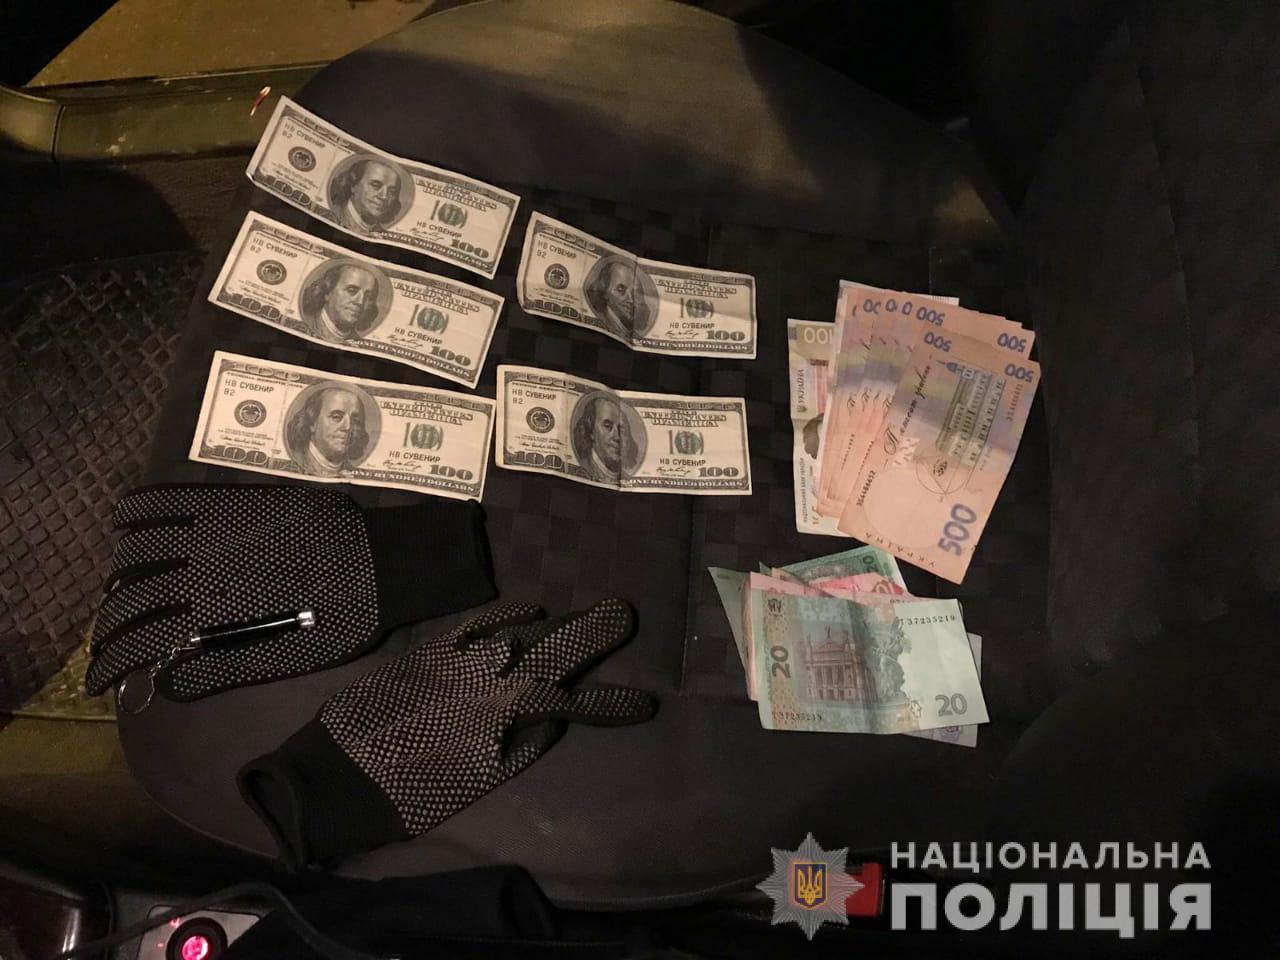 Двое грузин ограбили квартиру в Харькове (фото)